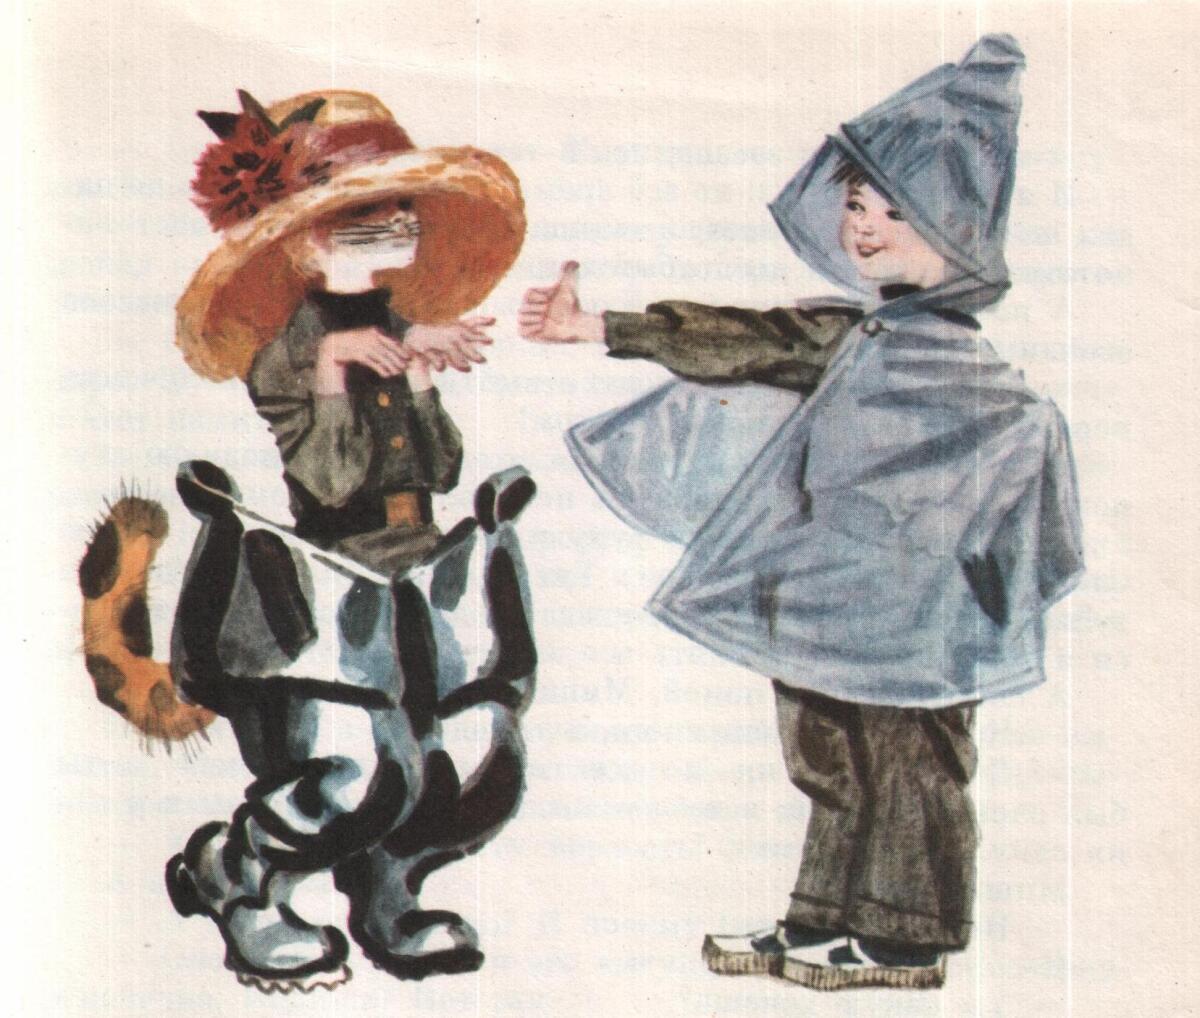 В. Лосин, иллюстрация к рассказу В. Драгунского «Кот в сапогах»